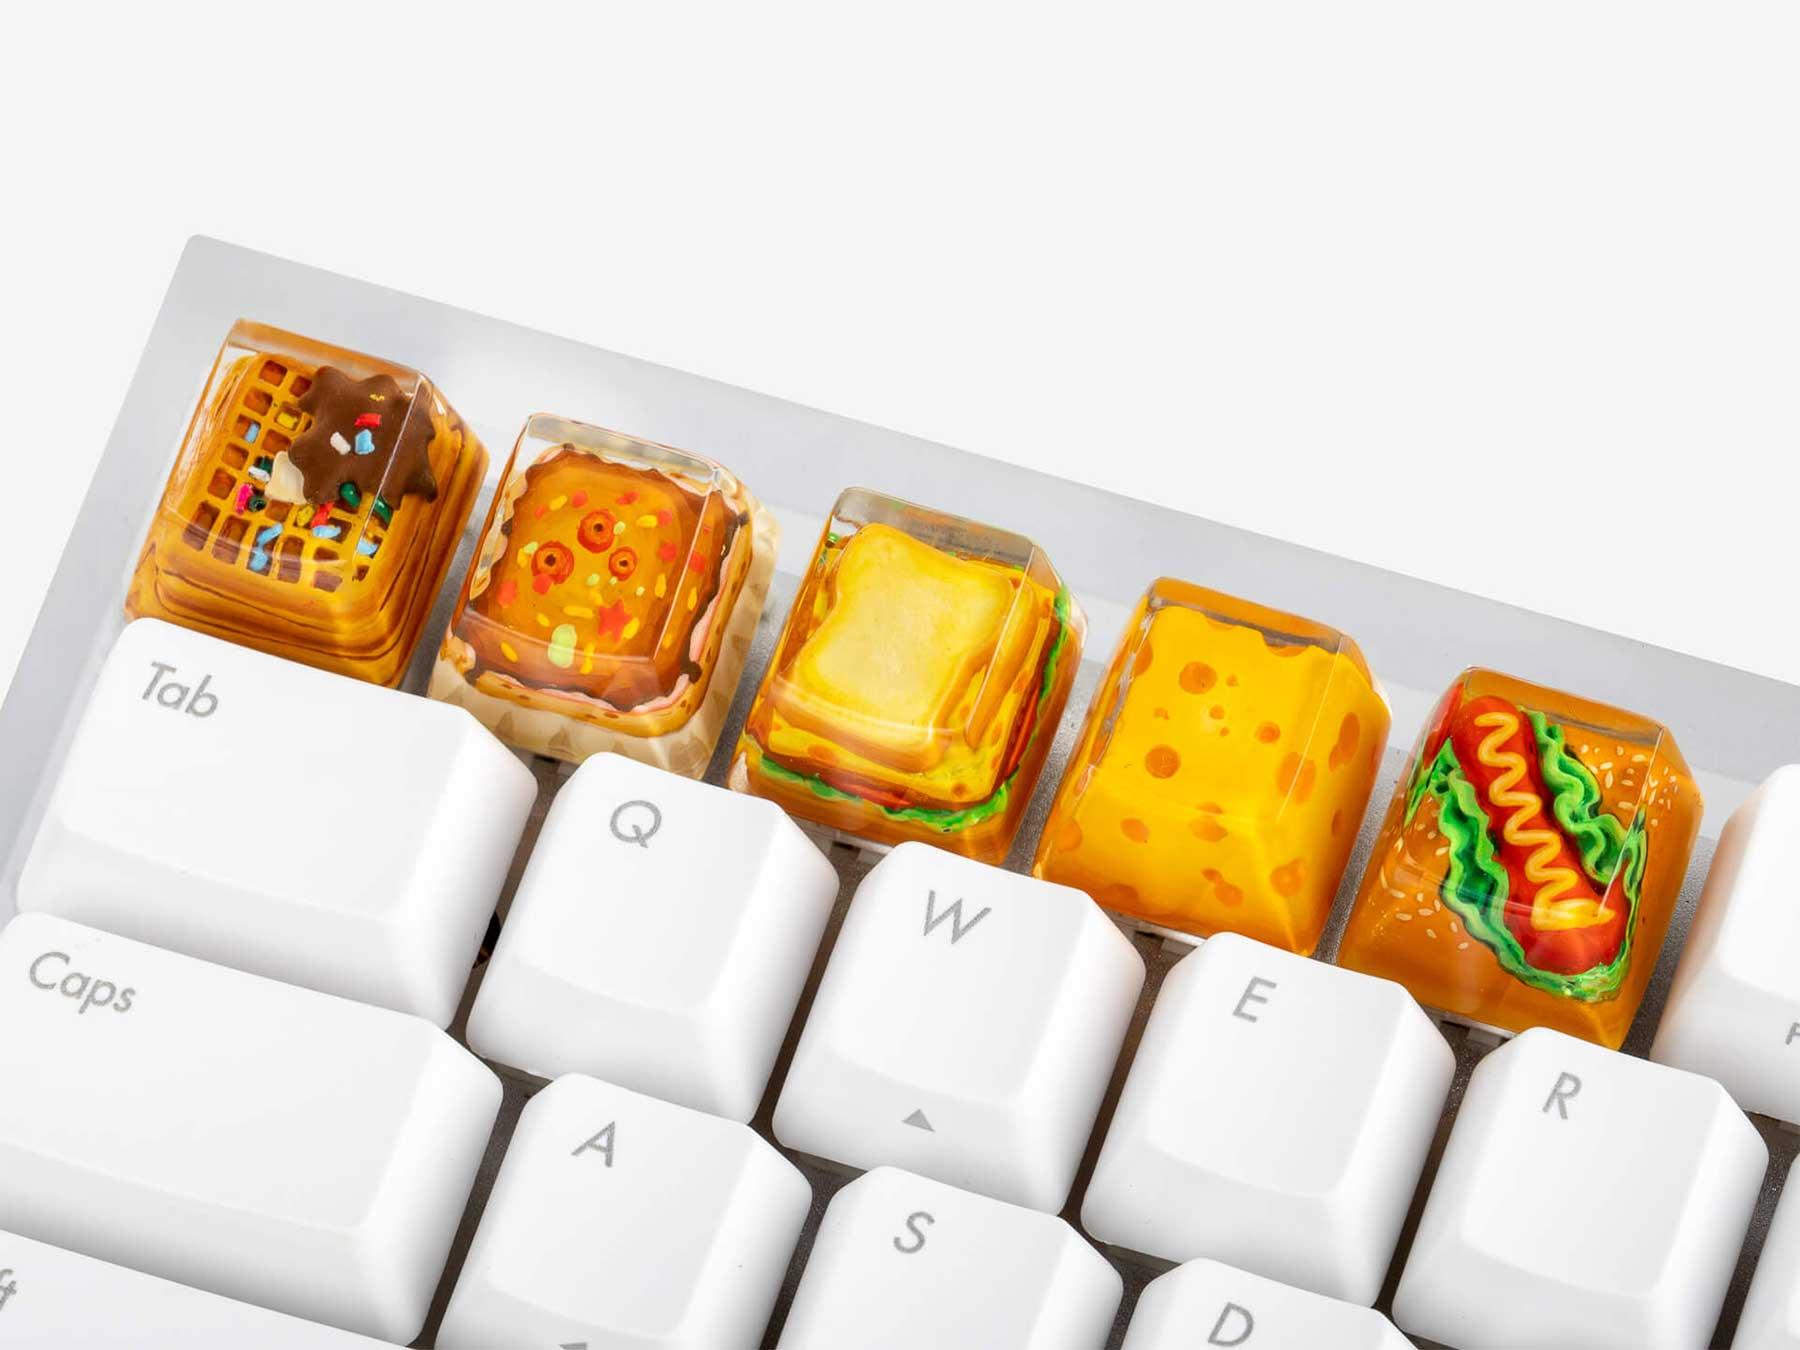 Essens-Tastatur-Tasten foodie-tastaturtasten-keycap_07